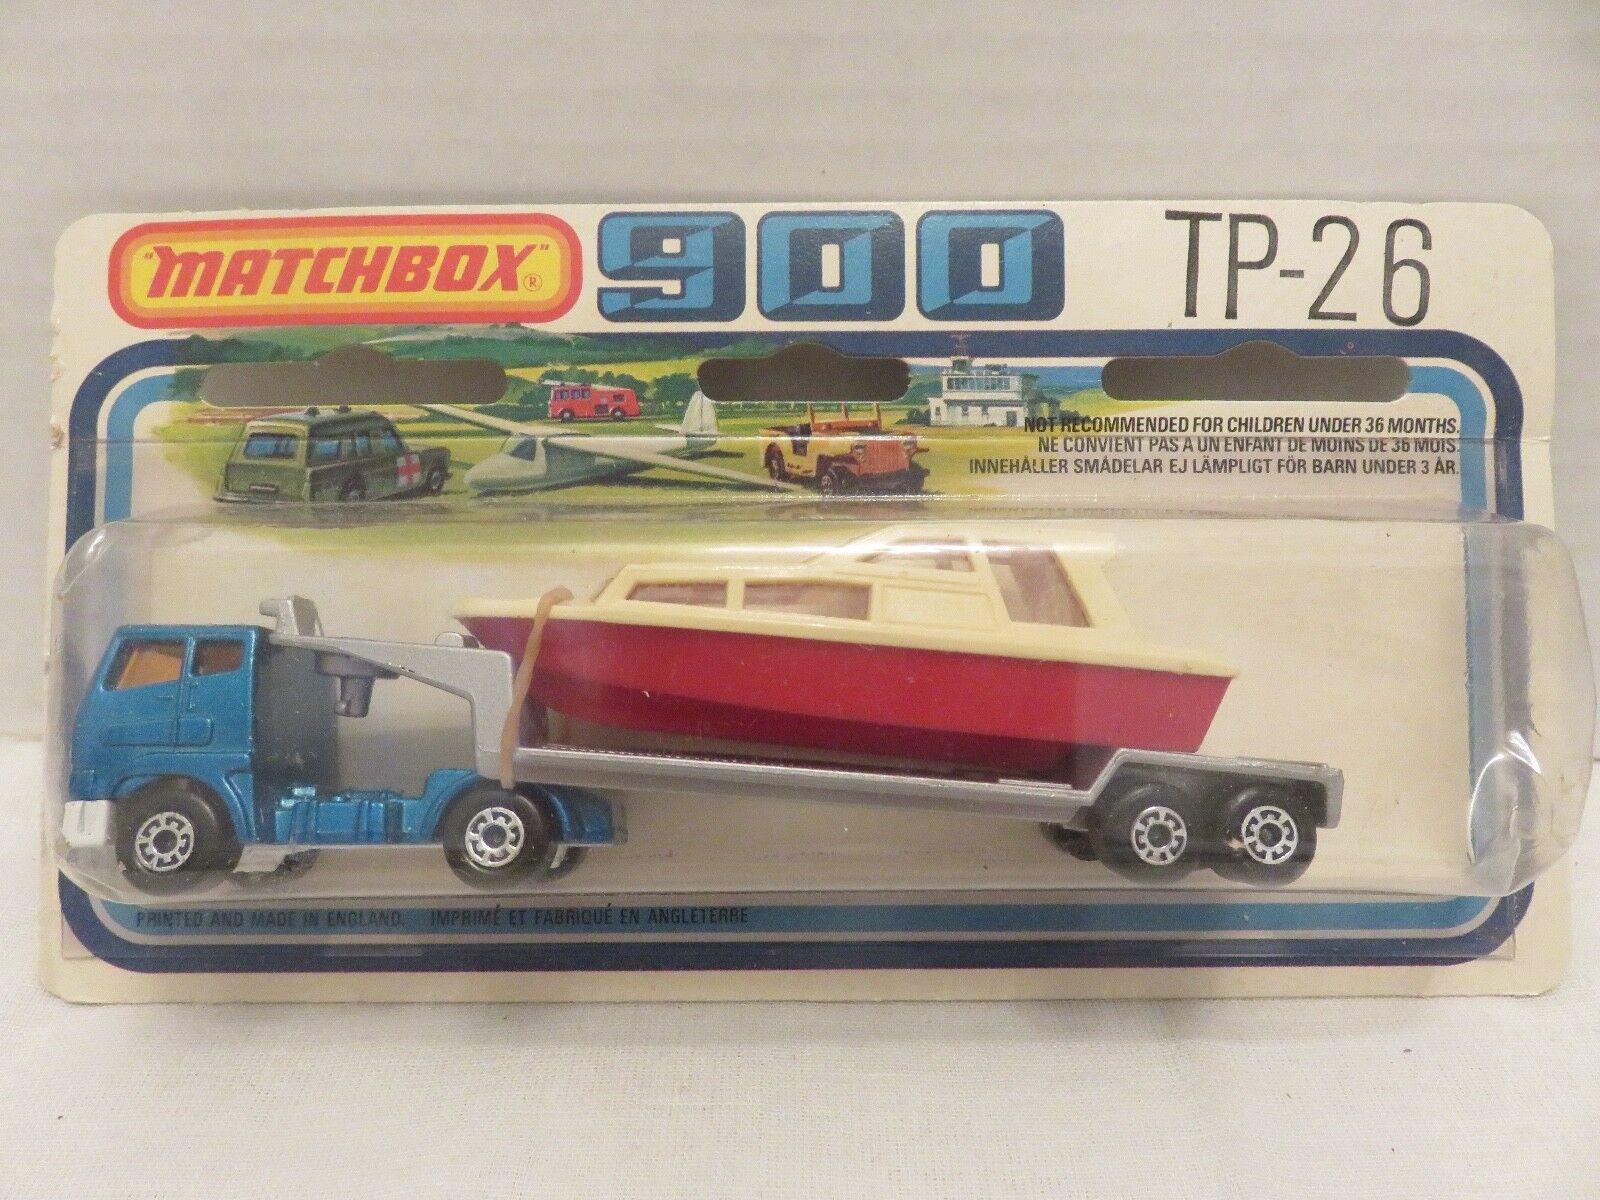 1978 MATCHBOX SUPERFAST 900 Articulé Camion LOW BED TRAILER TP-26 Die-Cast